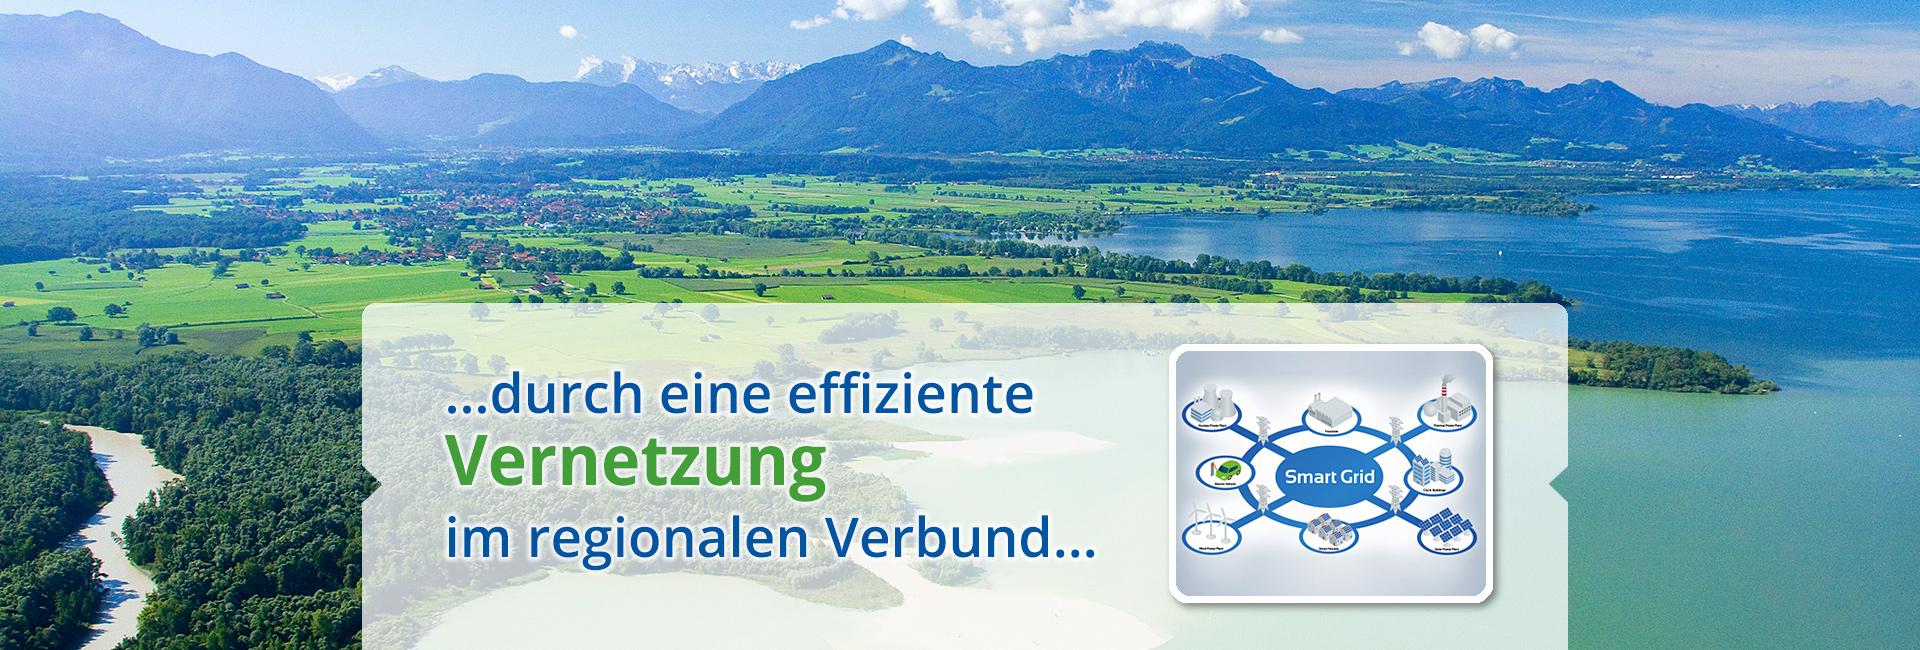 Energiewende Chiemgau Slider-3